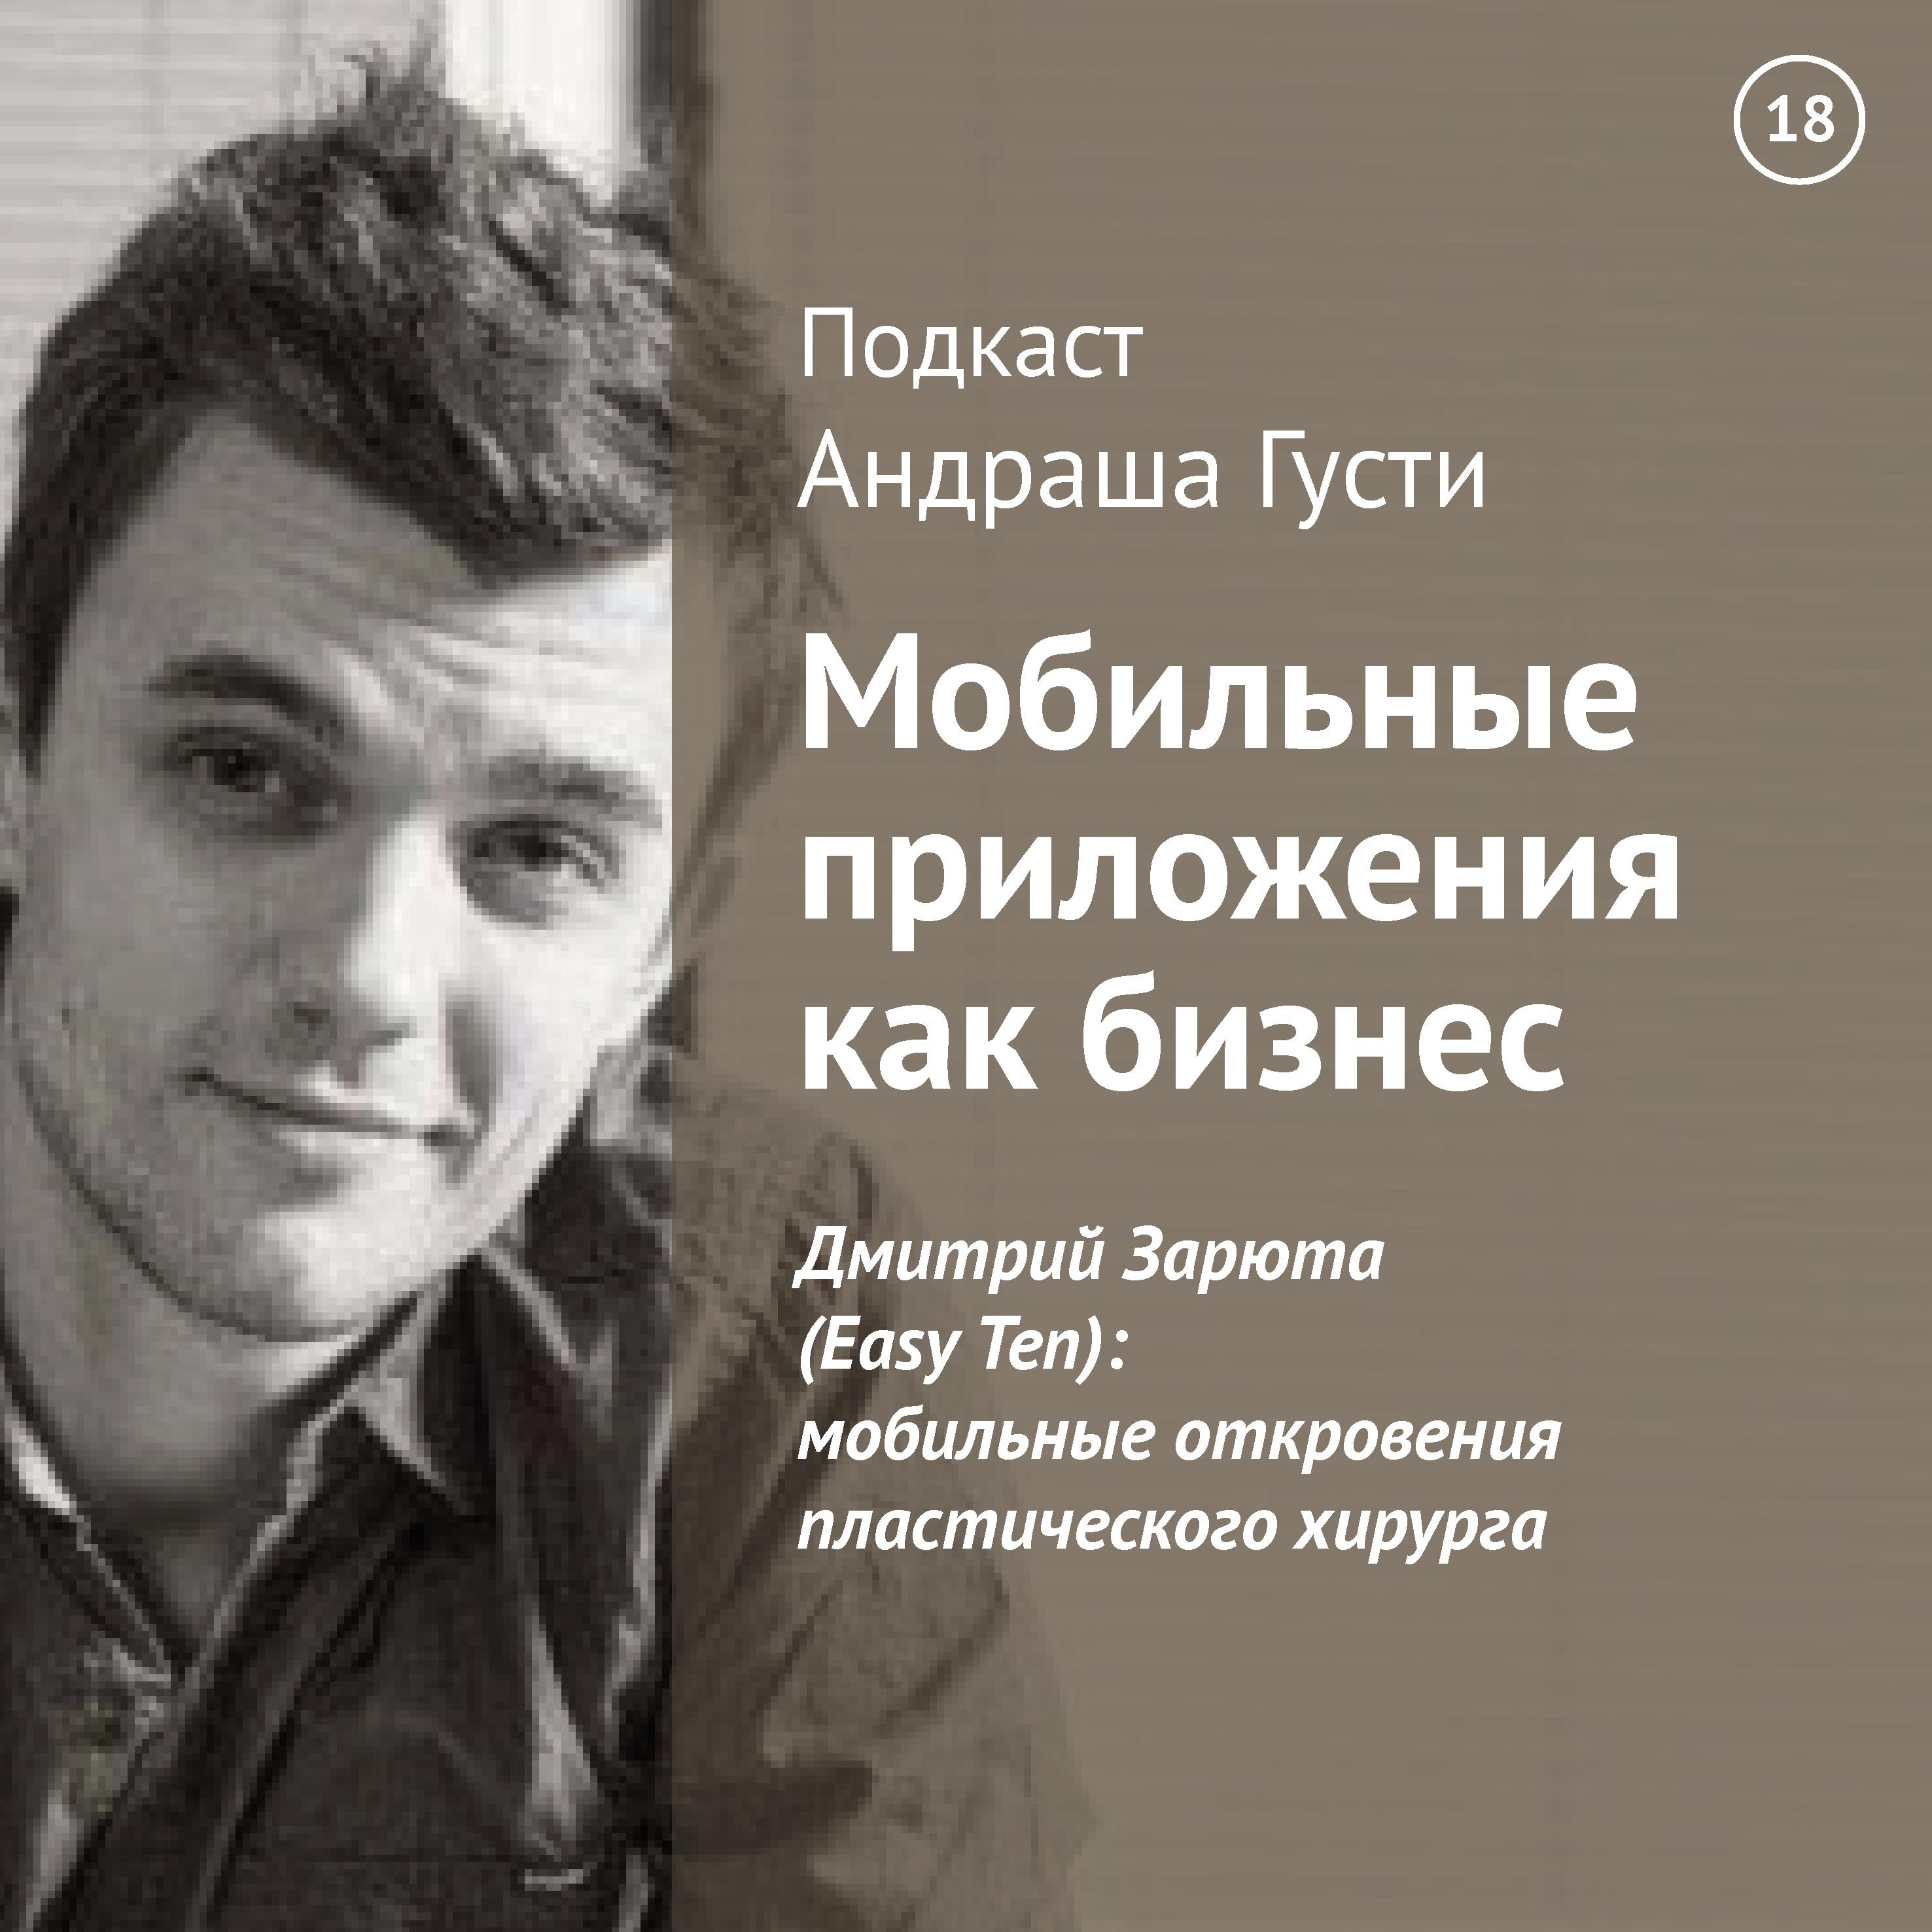 Андраш Густи Дмитрий Зарюта (Easy Ten): мобильные откровения пластического хирурга максим спиридонов дмитрий комиссаров основатель проекта мойофис